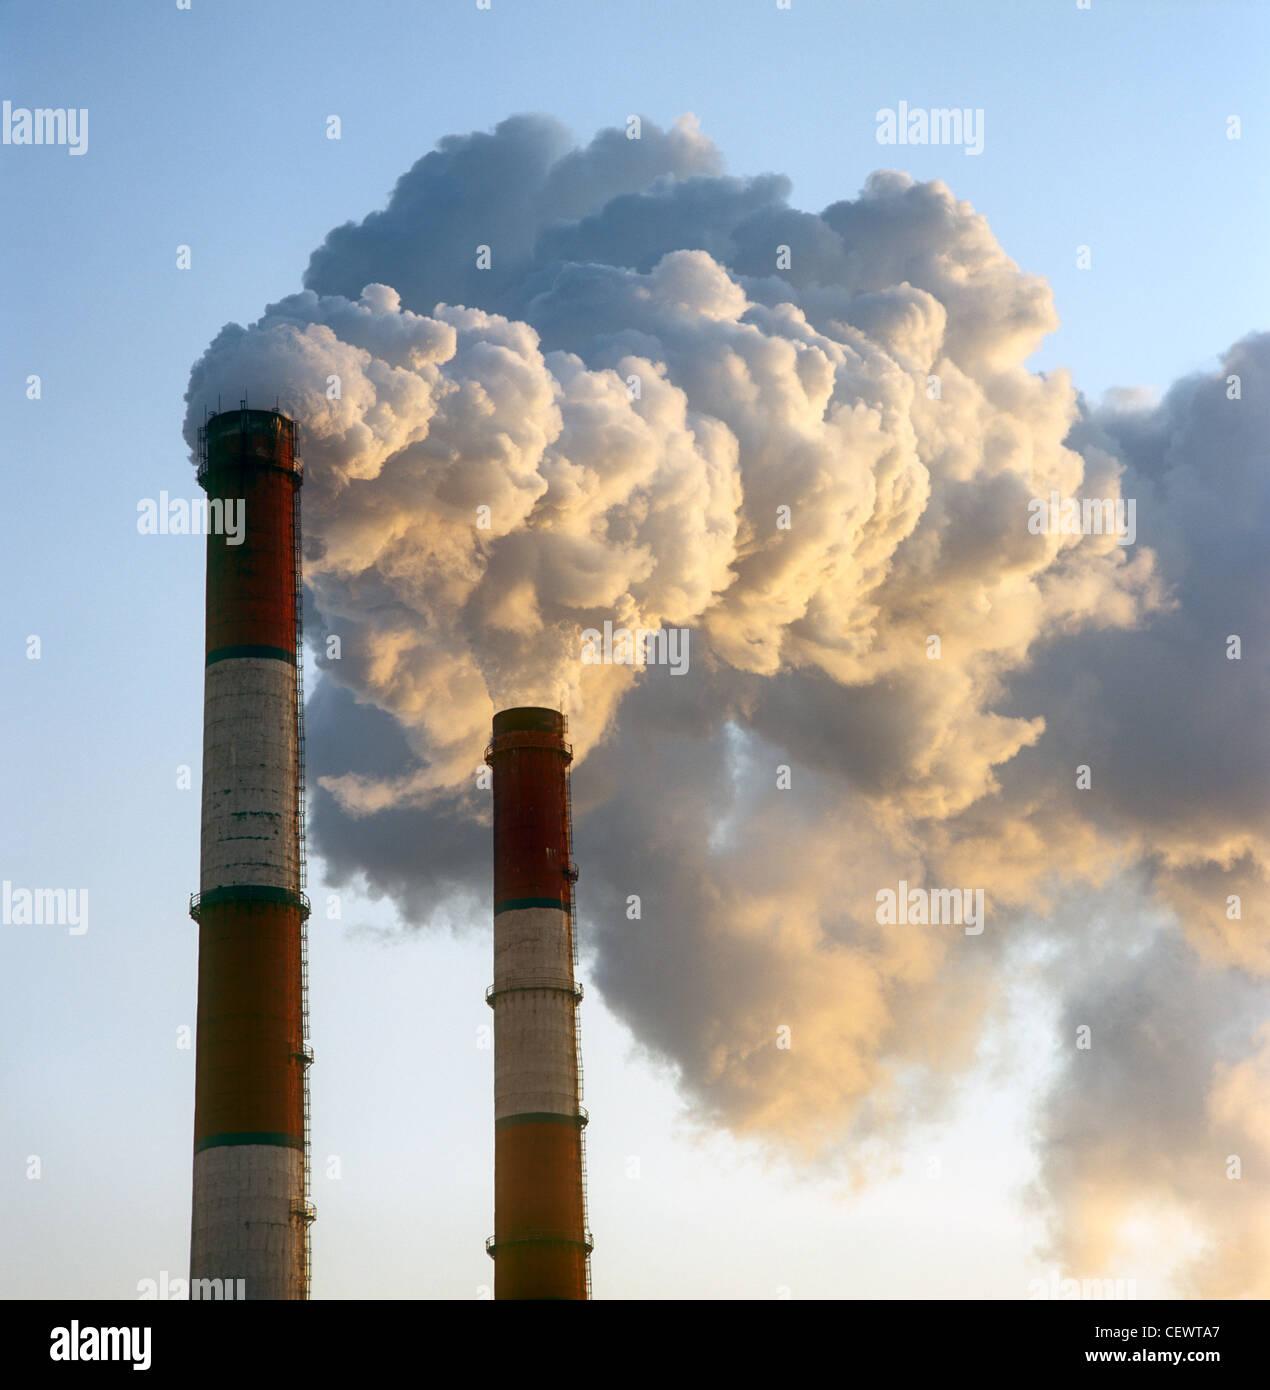 Inquinamento atmosferico da fumo di due camini di fabbrica. Immagini Stock